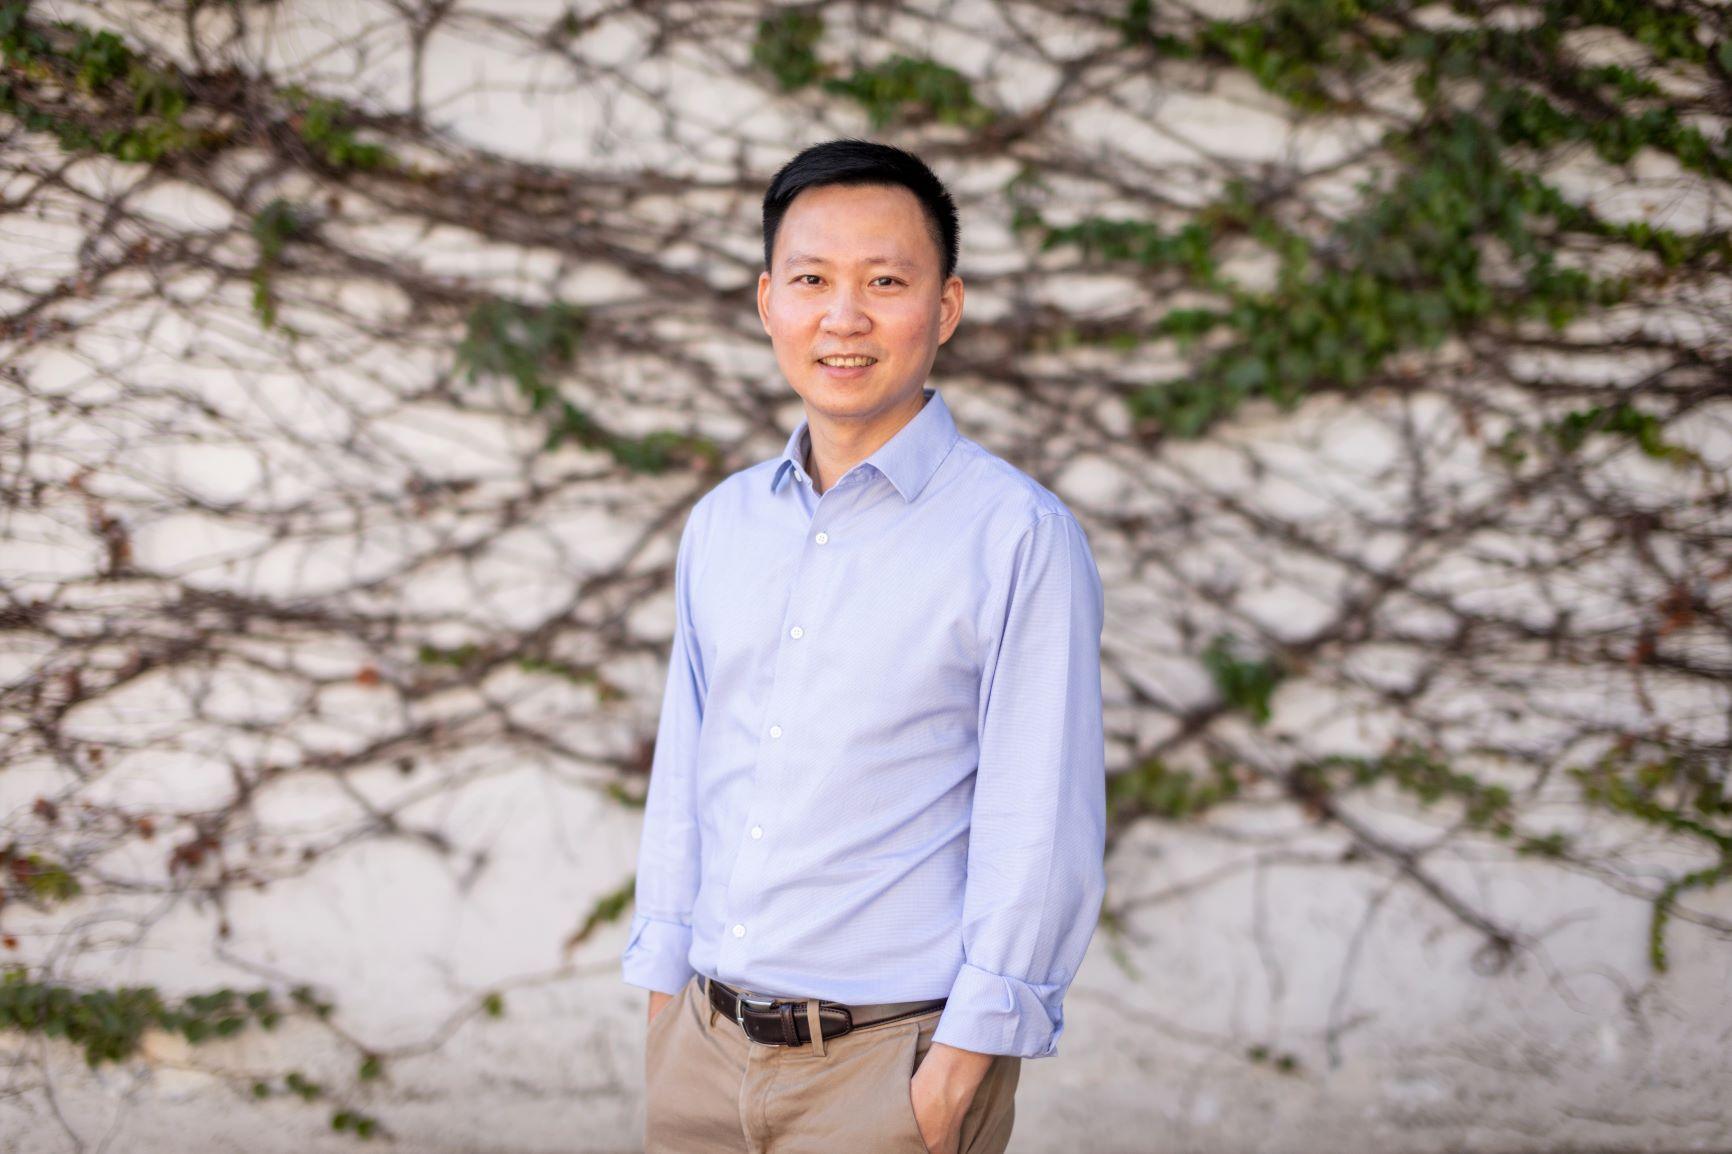 Prof. Yang Yi-jian